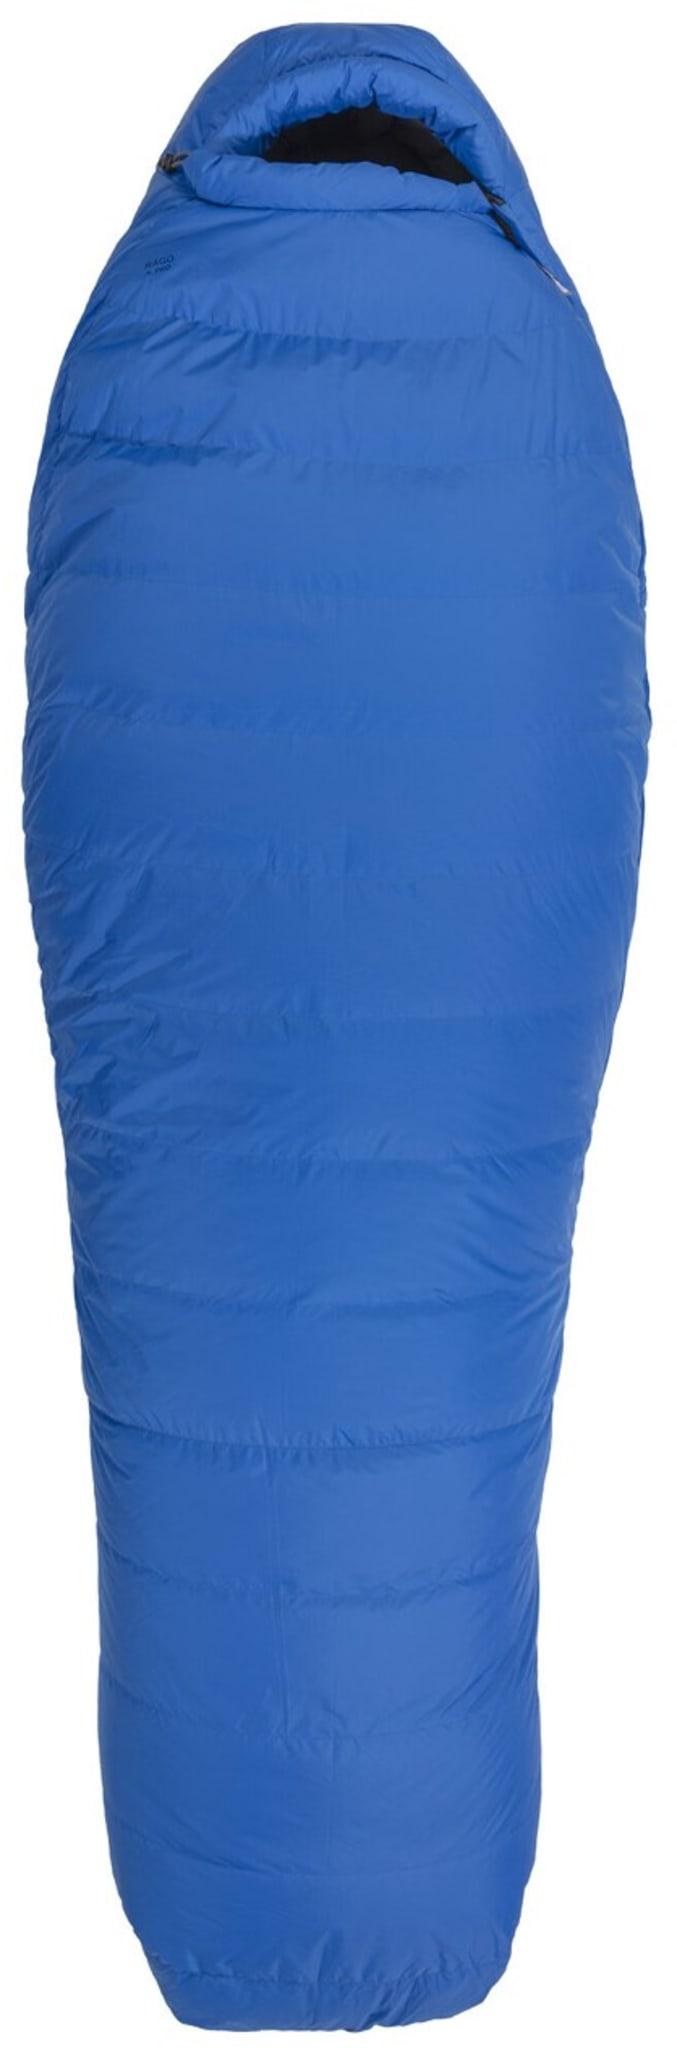 3-sesongs-sovepose med perfekt balanse mellom varme, vekt og pakkvolum